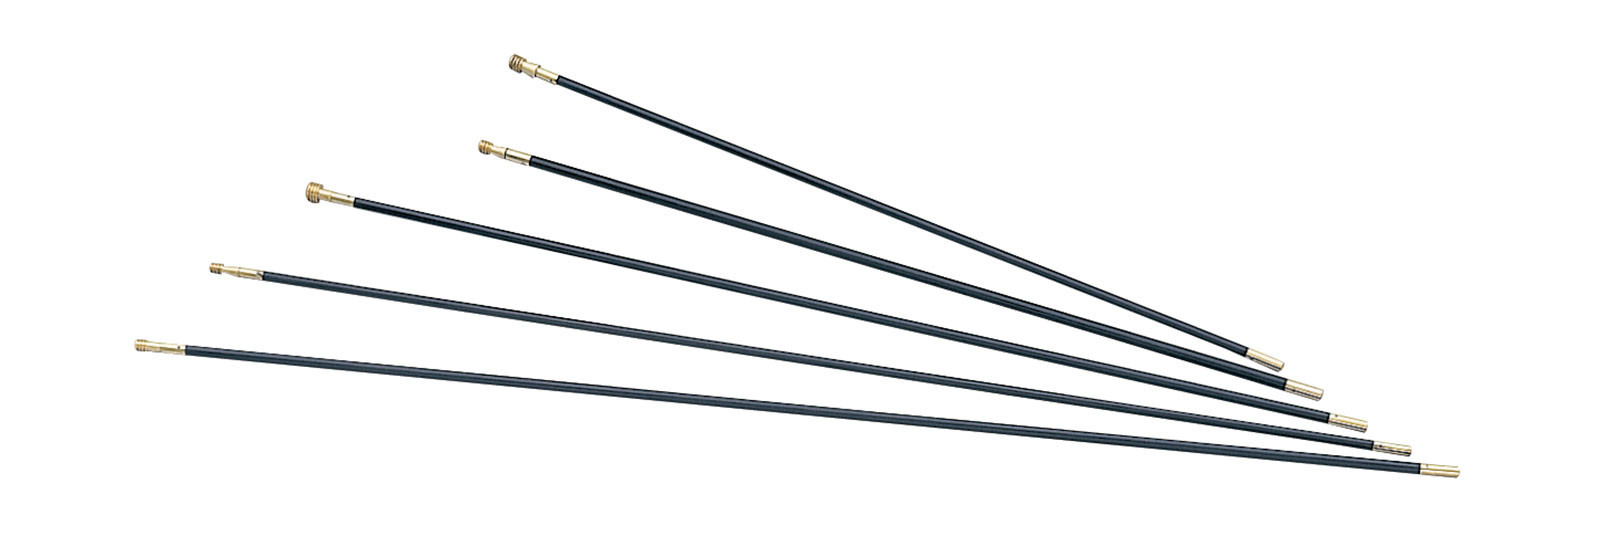 Bacchetta in fibra per armi ad avancarica 9x685 mm